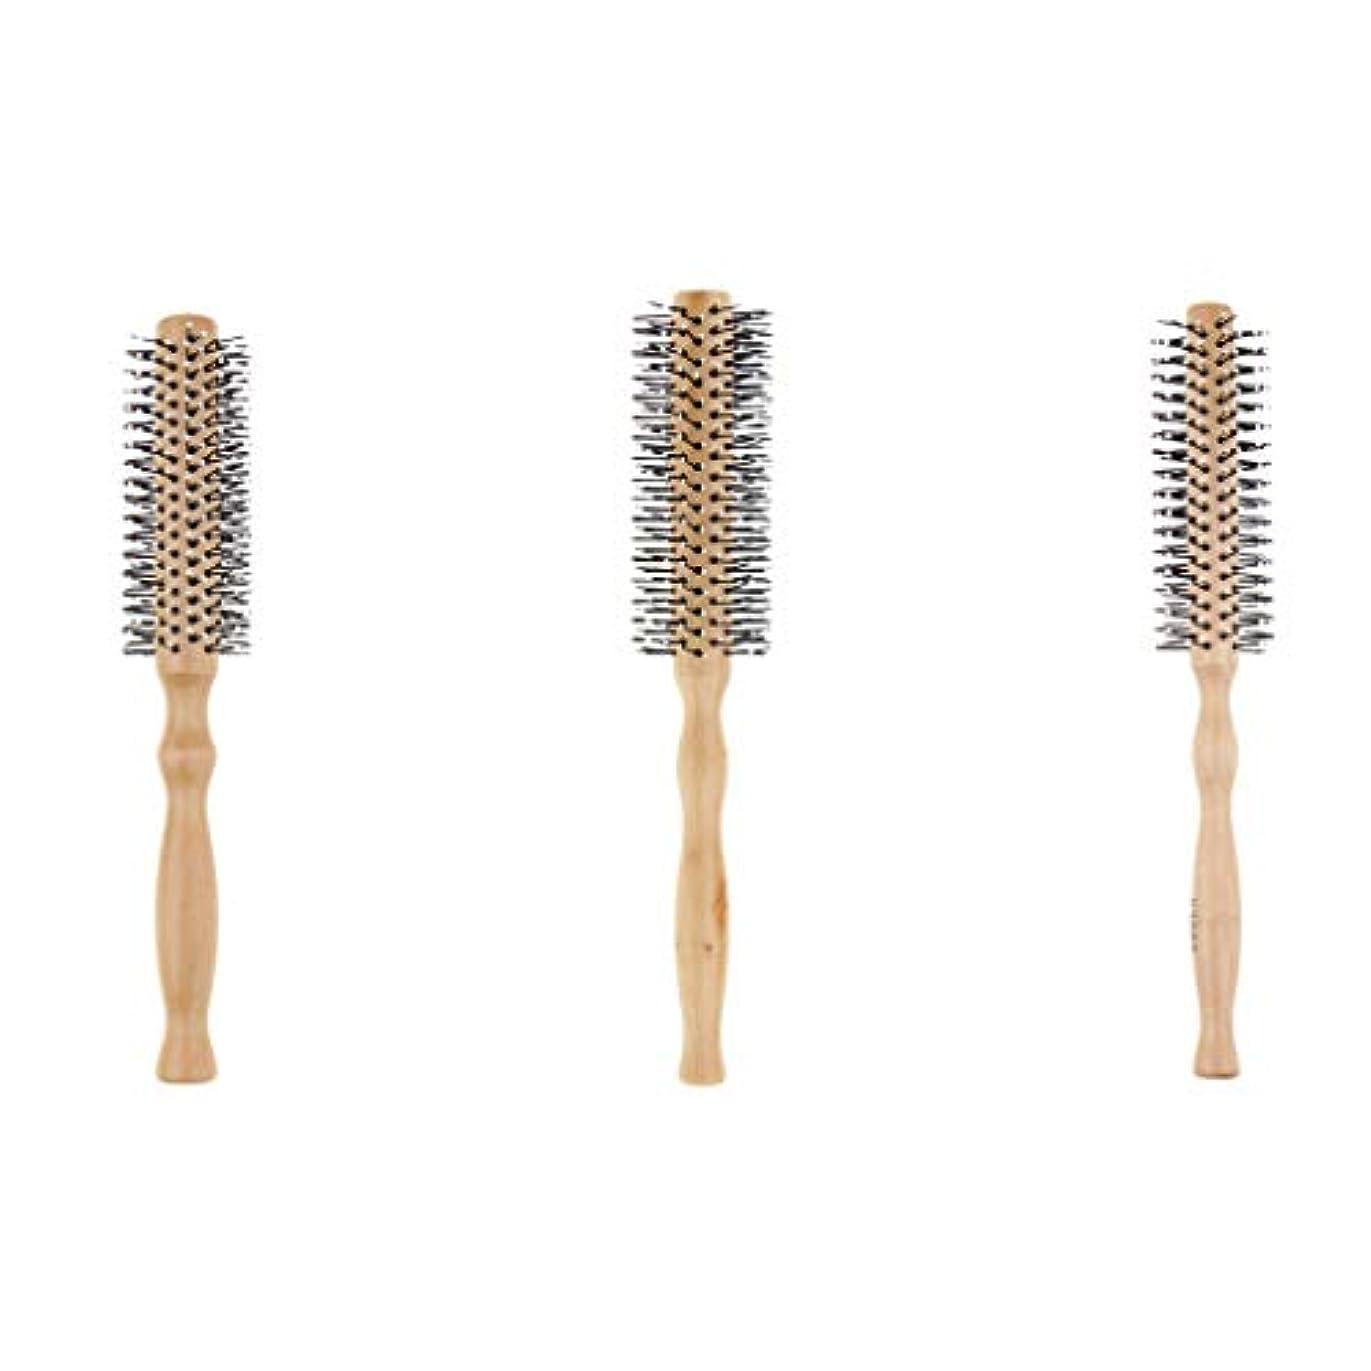 動機付ける困難ラフレシアアルノルディ3本セット ロールブラシ 巻き髪 ヘアブラシ 木製櫛 スタイリングブラシ